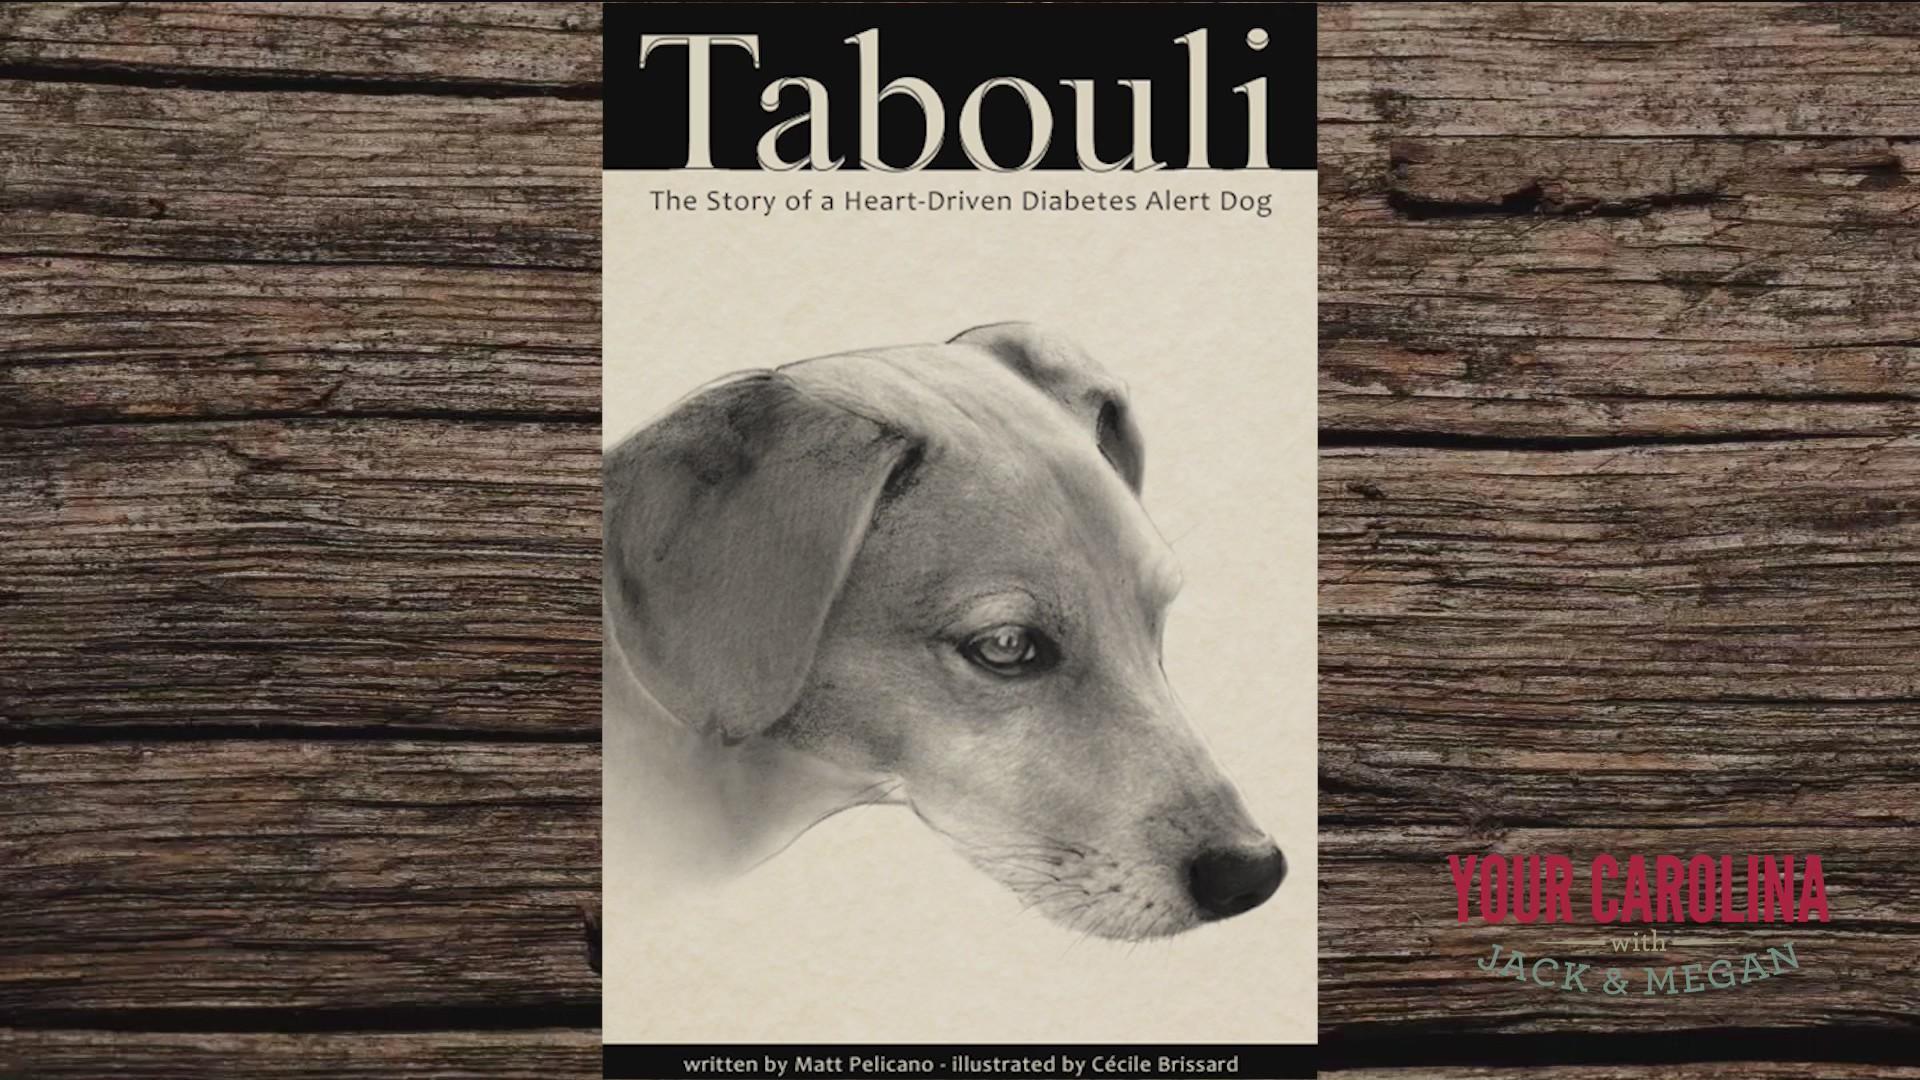 Meet Tabouli